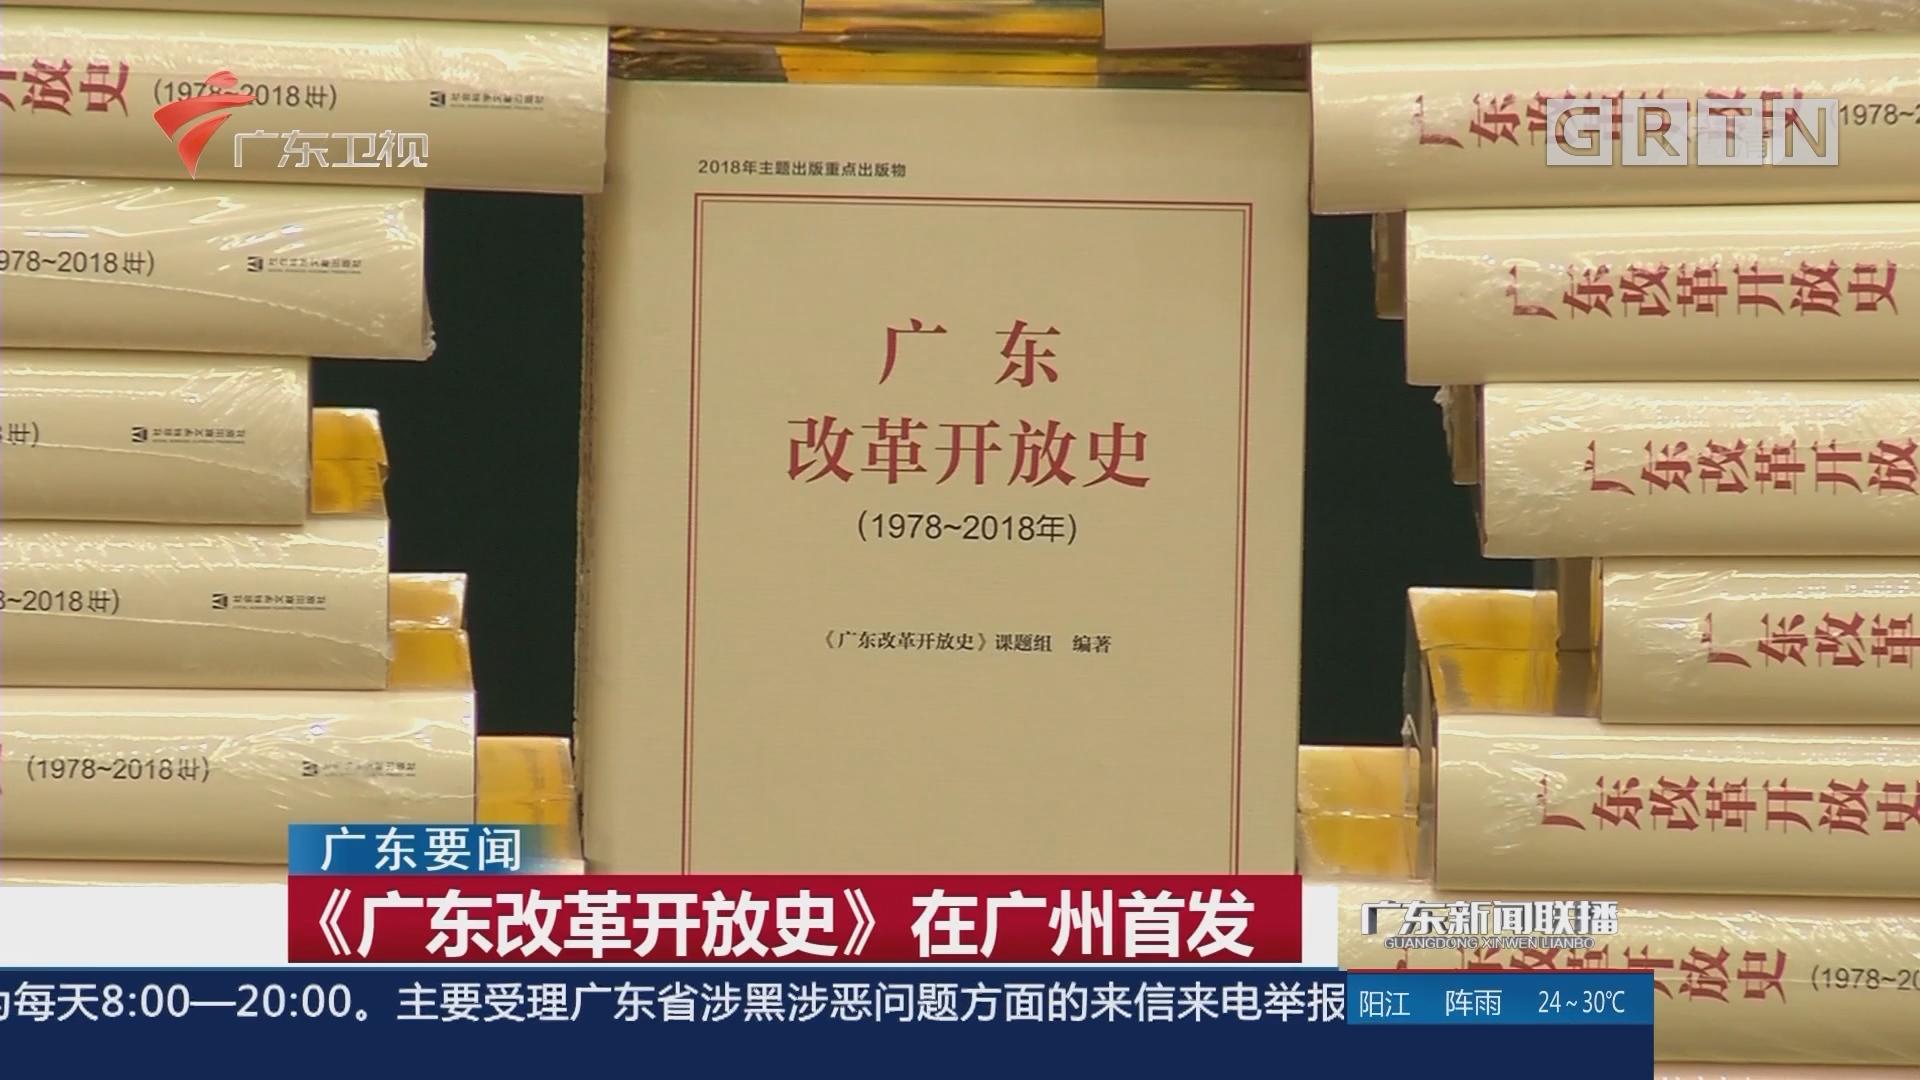 《广东改革开放史》在广州首发